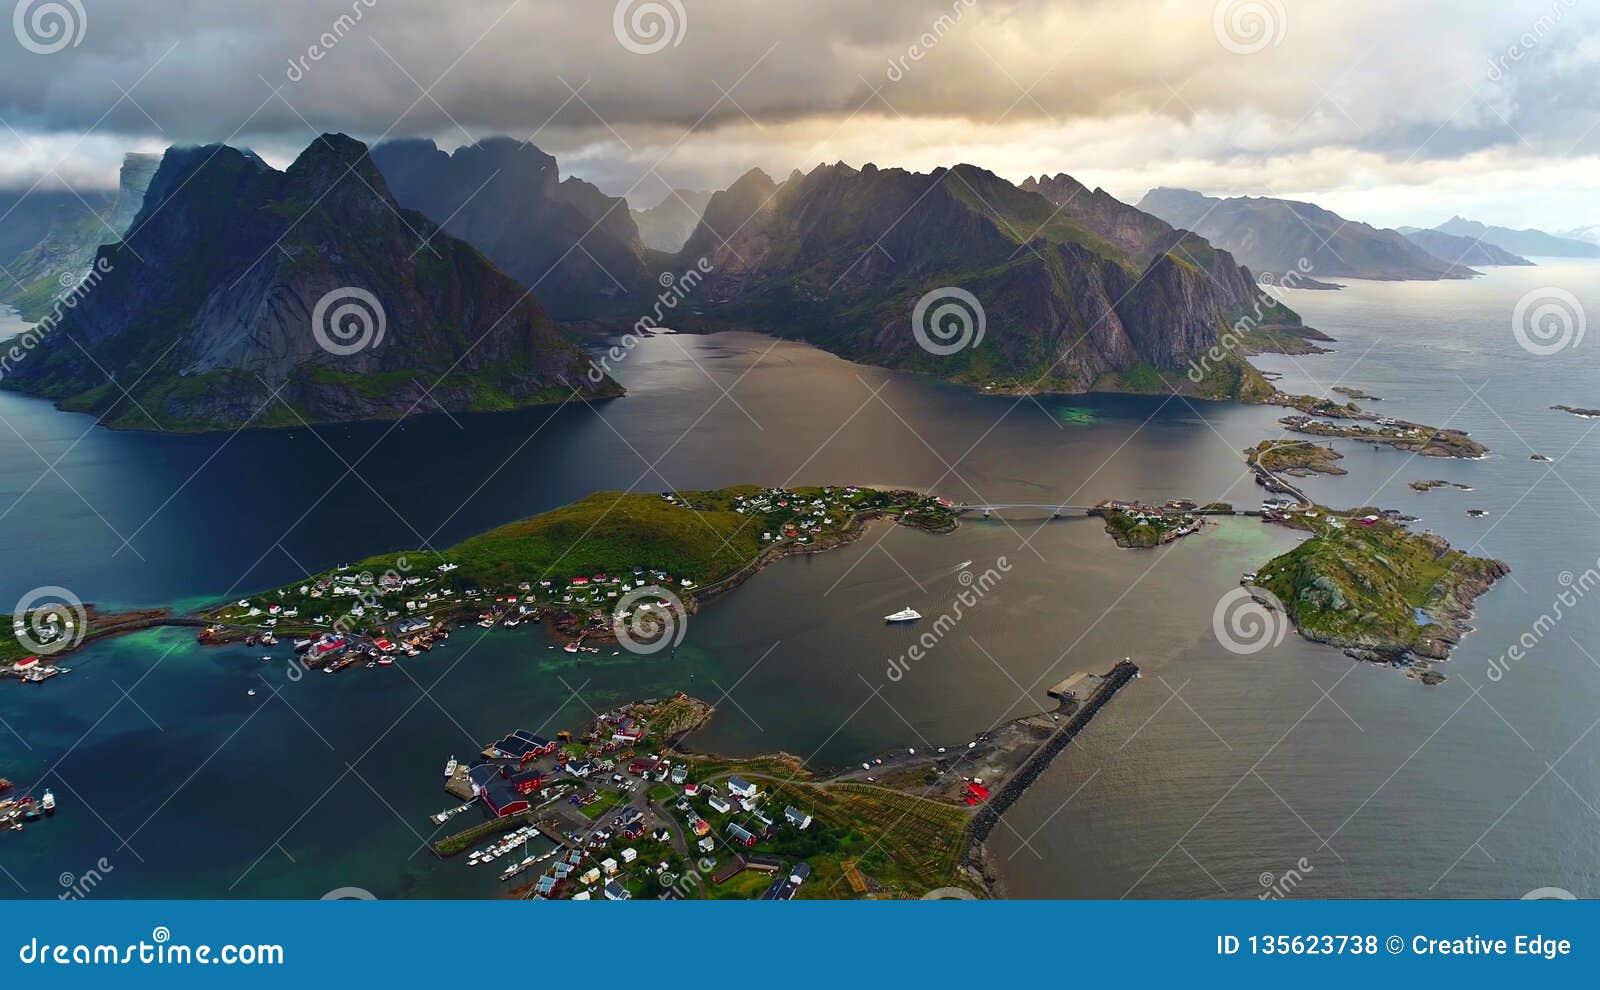 Τα νησιά Lofoten είναι ένα αρχιπέλαγος στο νομό Nordland, Νορβηγία